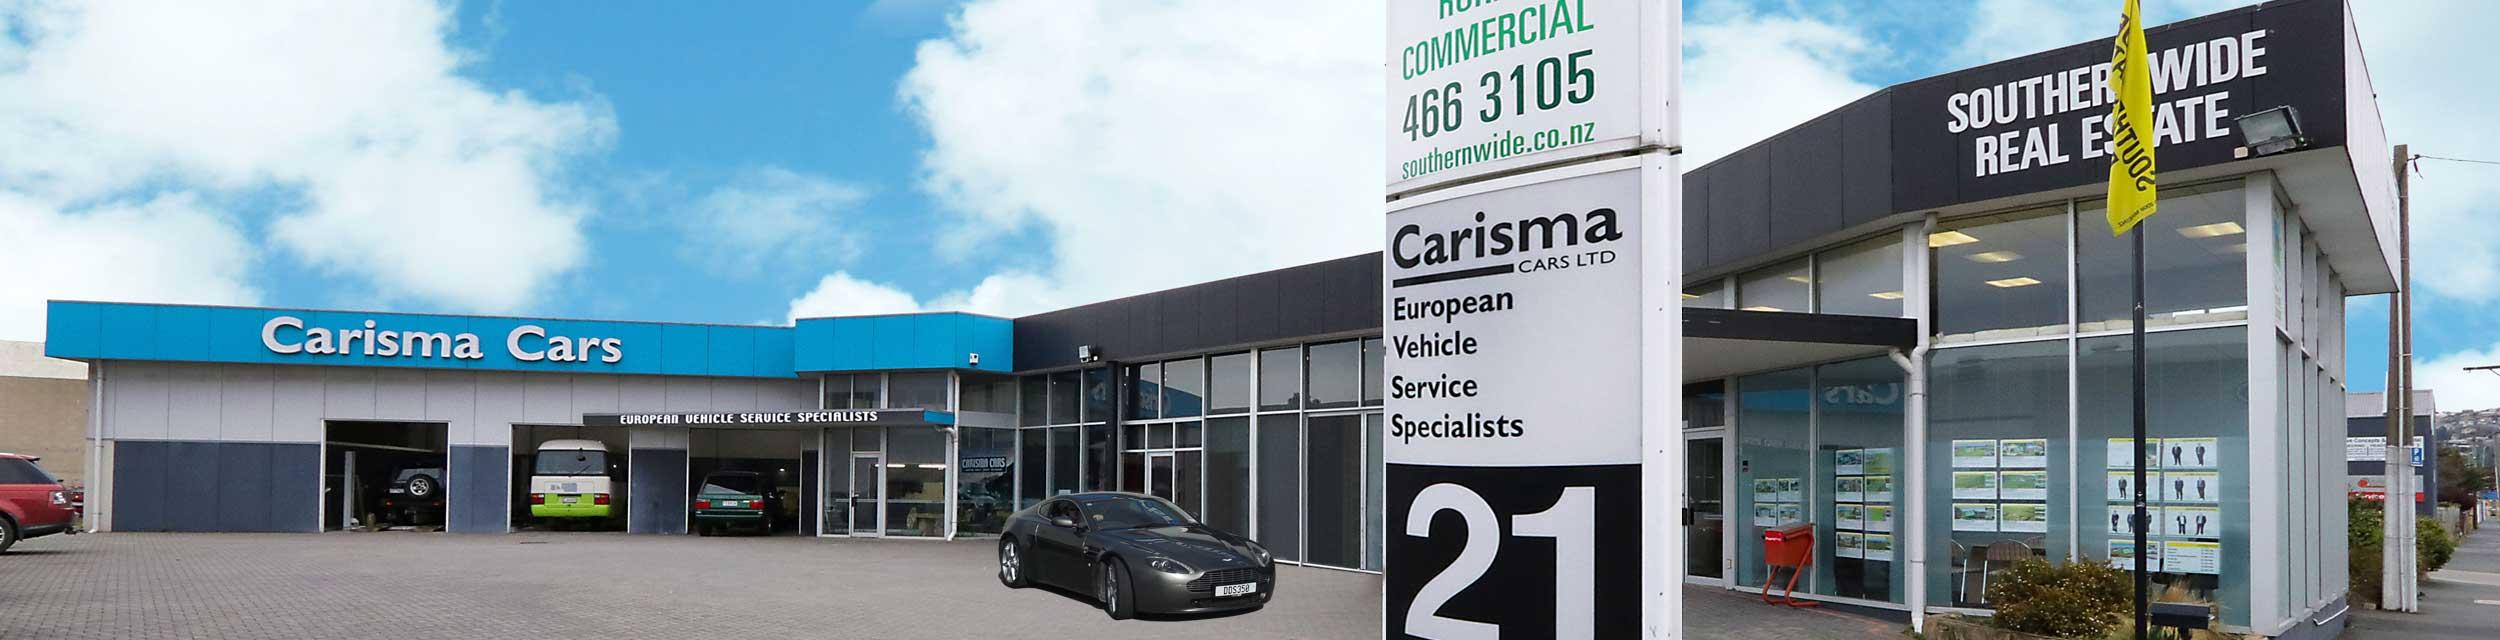 Carisma-Cars-Dunedin